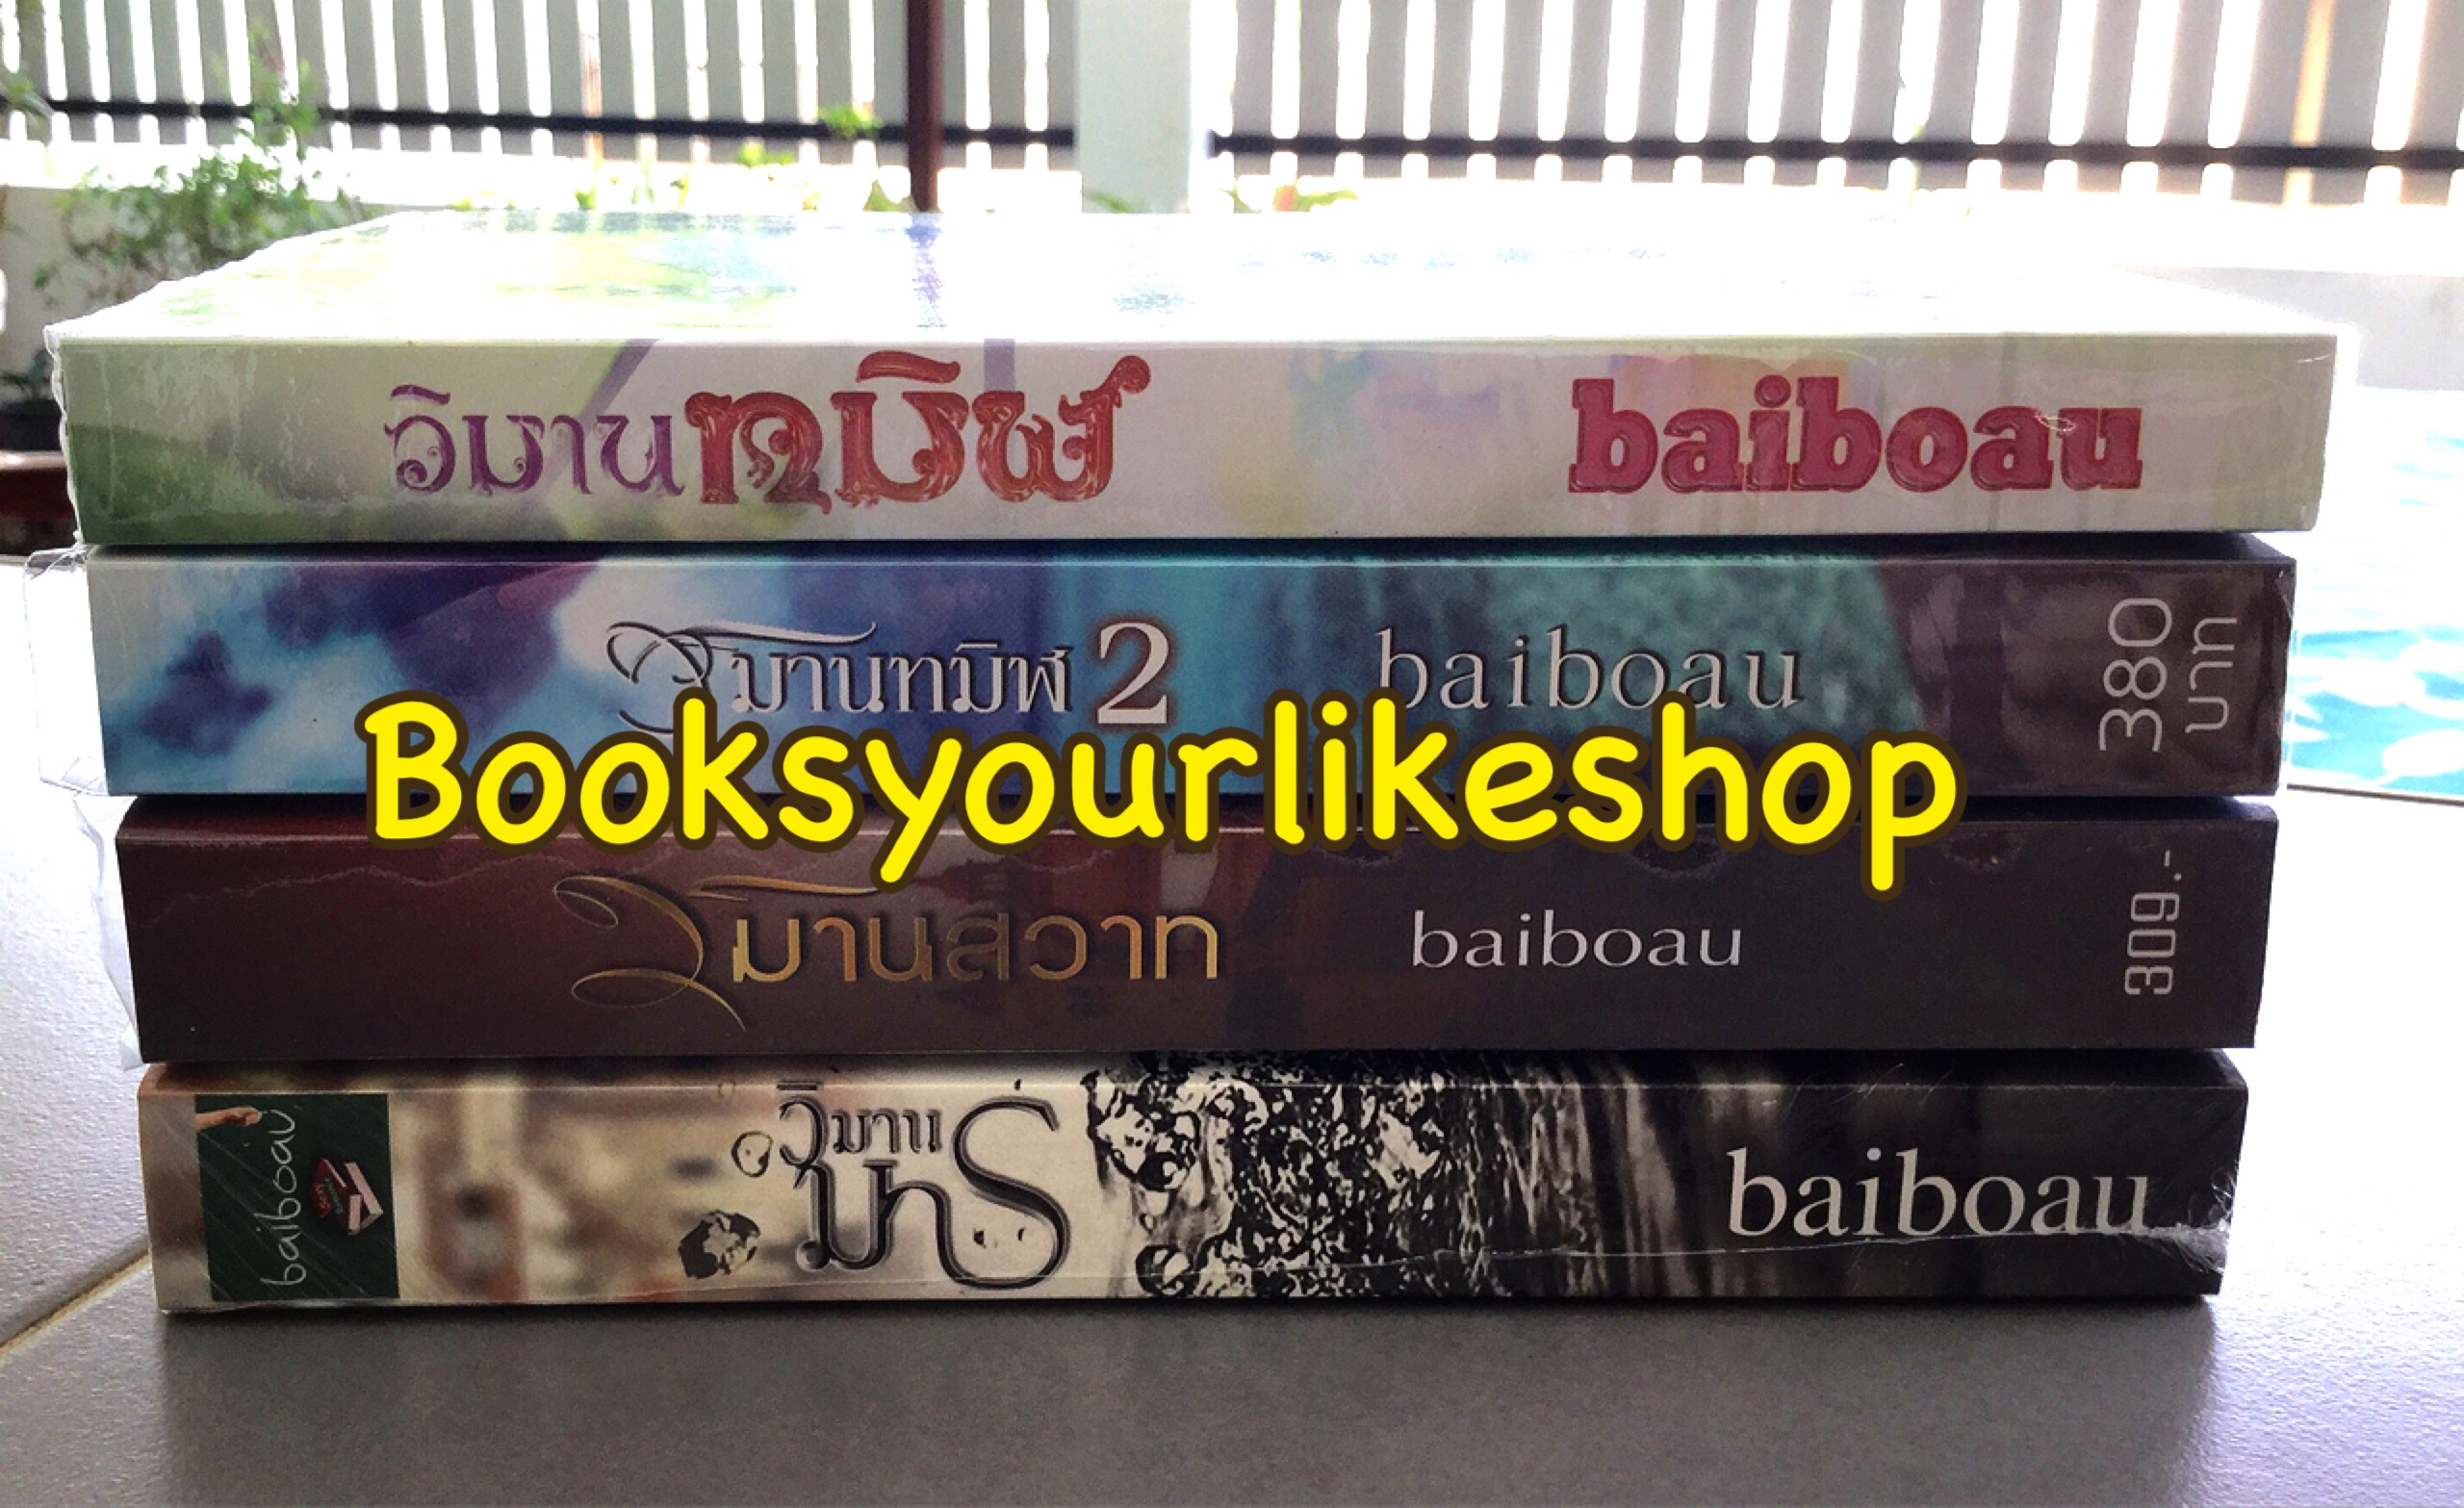 นิยายชุด วิมานทมิฬ ,วิมานสวาท,วิมานมาร / ใบบัว baiboau หนังสือใหม่หายาก***สนุกคะ***